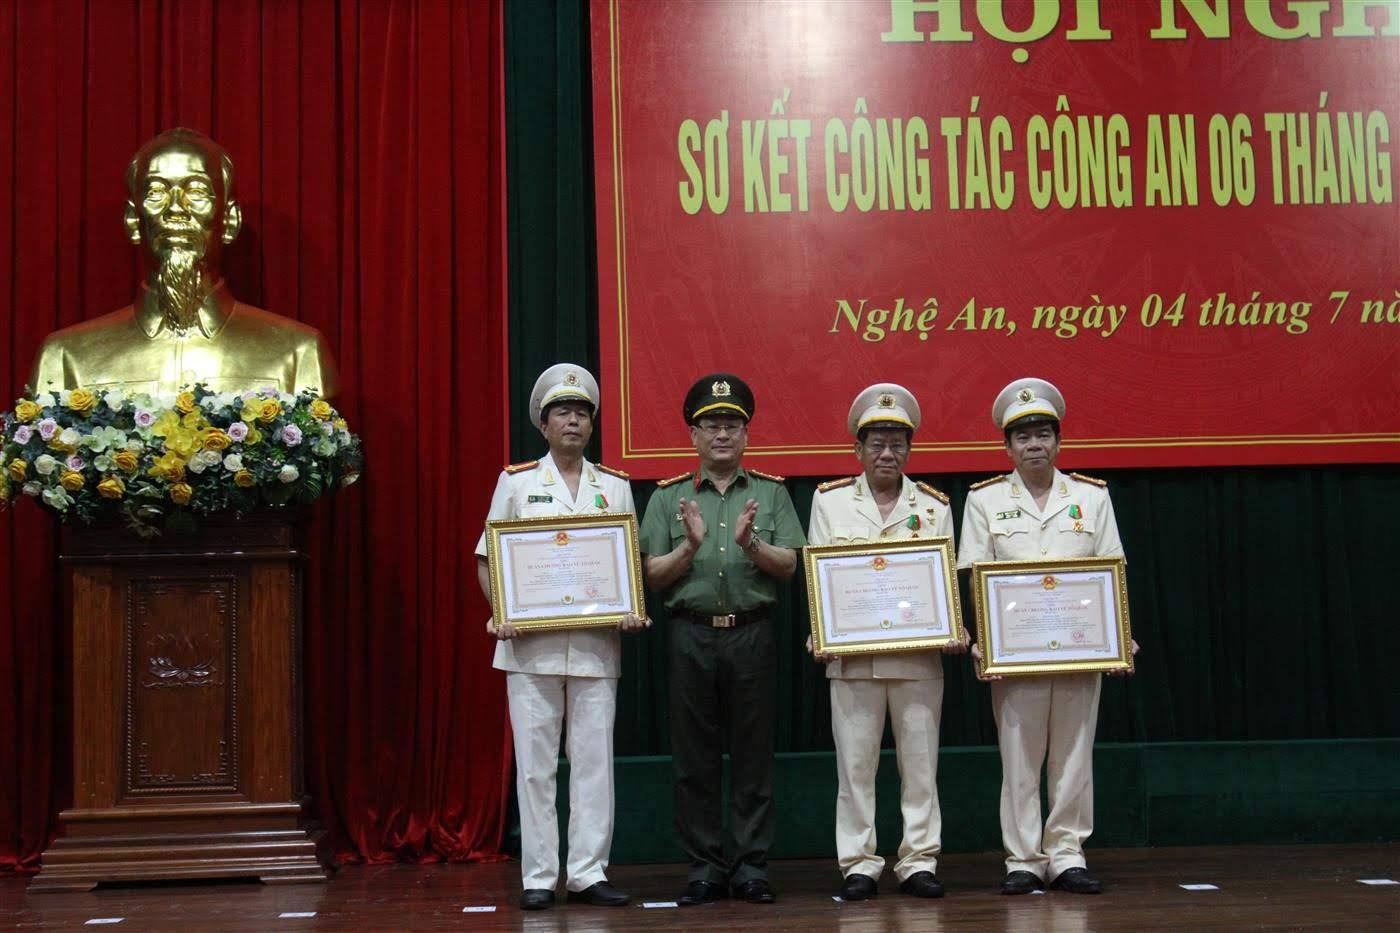 Dịp này Chủ tịch nước trao tặng Huân chương Bảo vệ Tổ quốc hạng 3 cho 3 cá nhân